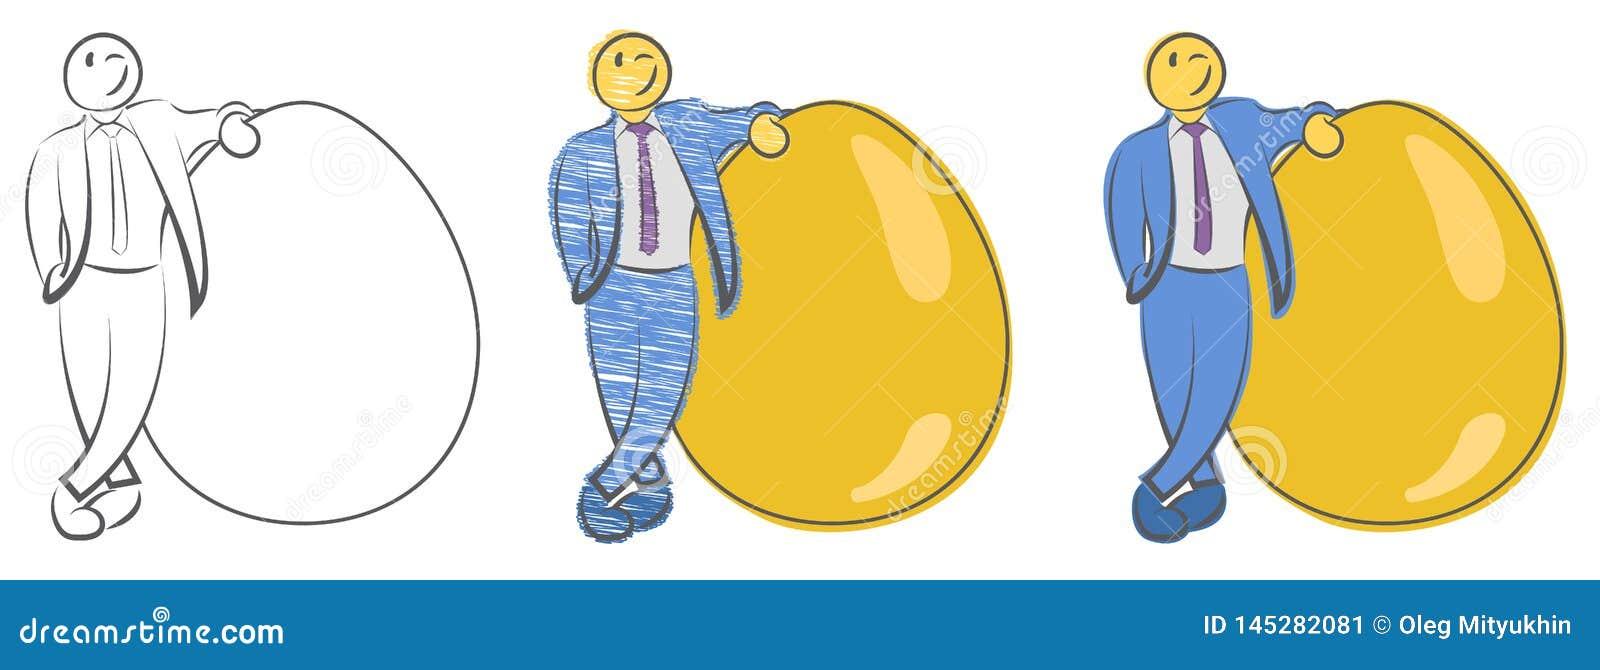 Ο επιχειρηματίας στέκεται κοντά στο μεγάλο χρυσό αυγό Έννοια για τον πλούτο Φυσικός γεννημένος ηγέτης Ξεκινήματα και νέες επιχειρ